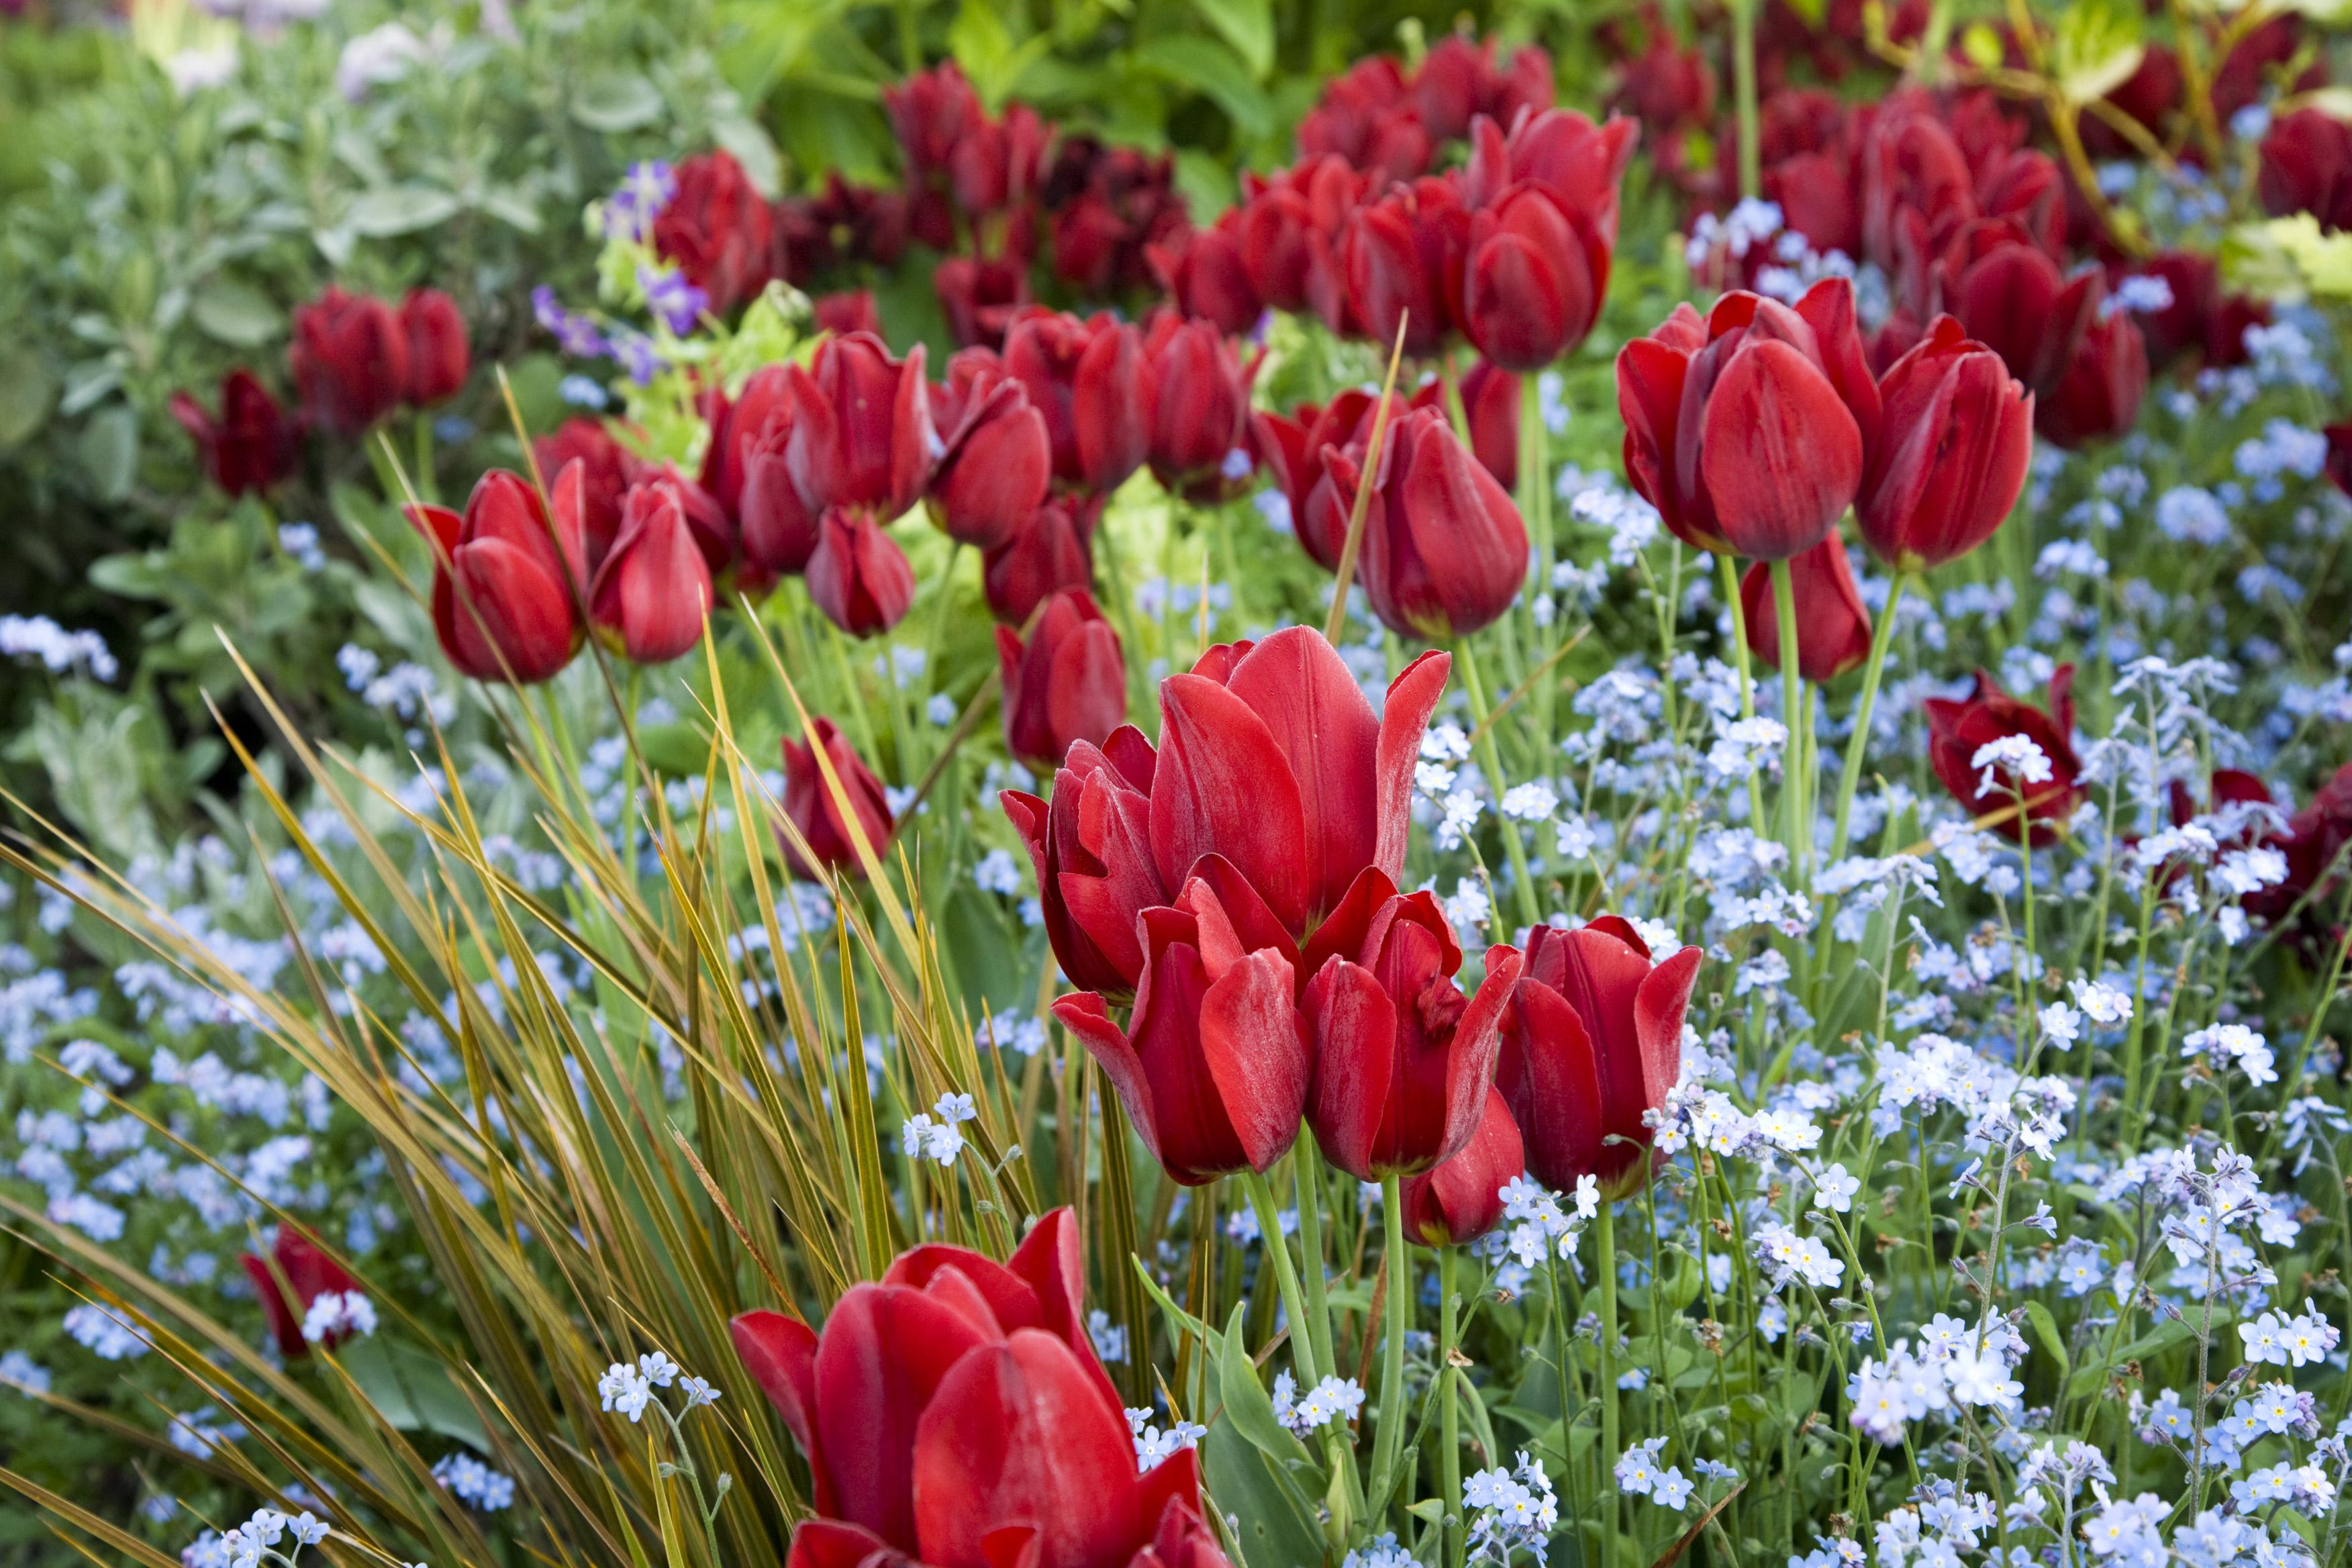 Quelles Fleurs Planter Fin Aout tulipe pluriflore red georgette simple tardive : bulbe à plusieurs fleurs  rouge cardinal | mes tulipes - le guide tulipophile